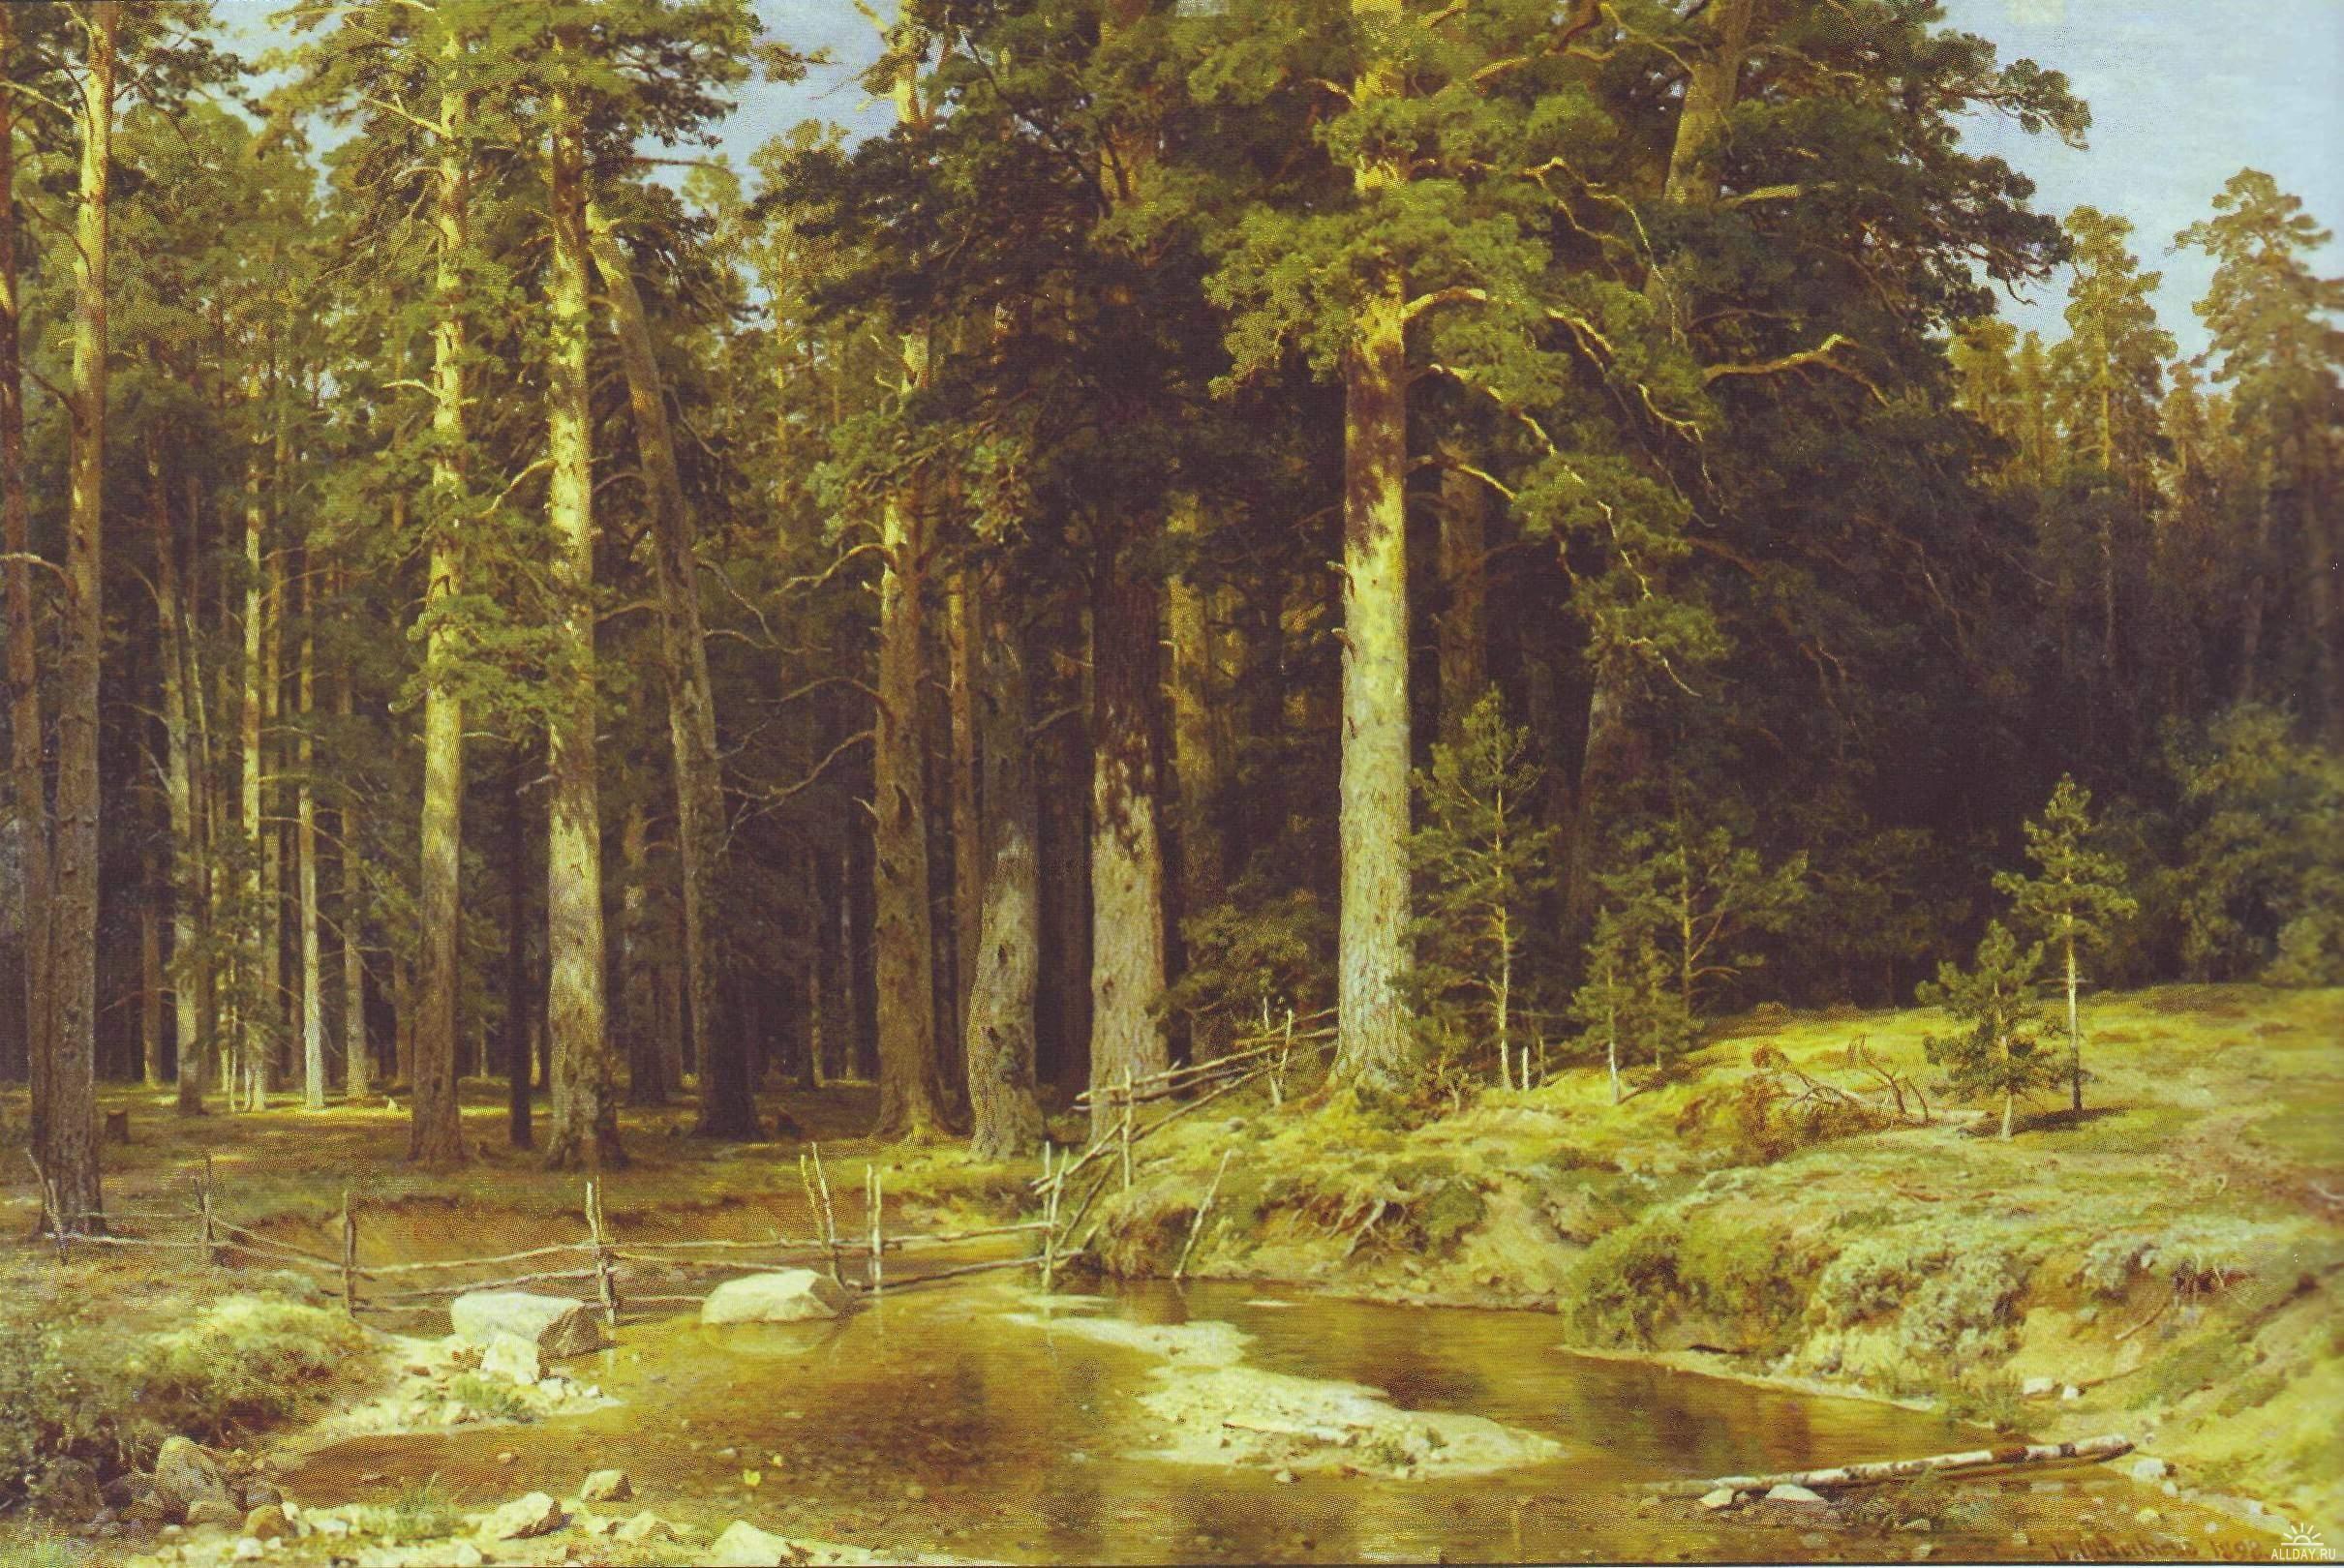 фото лес пикник